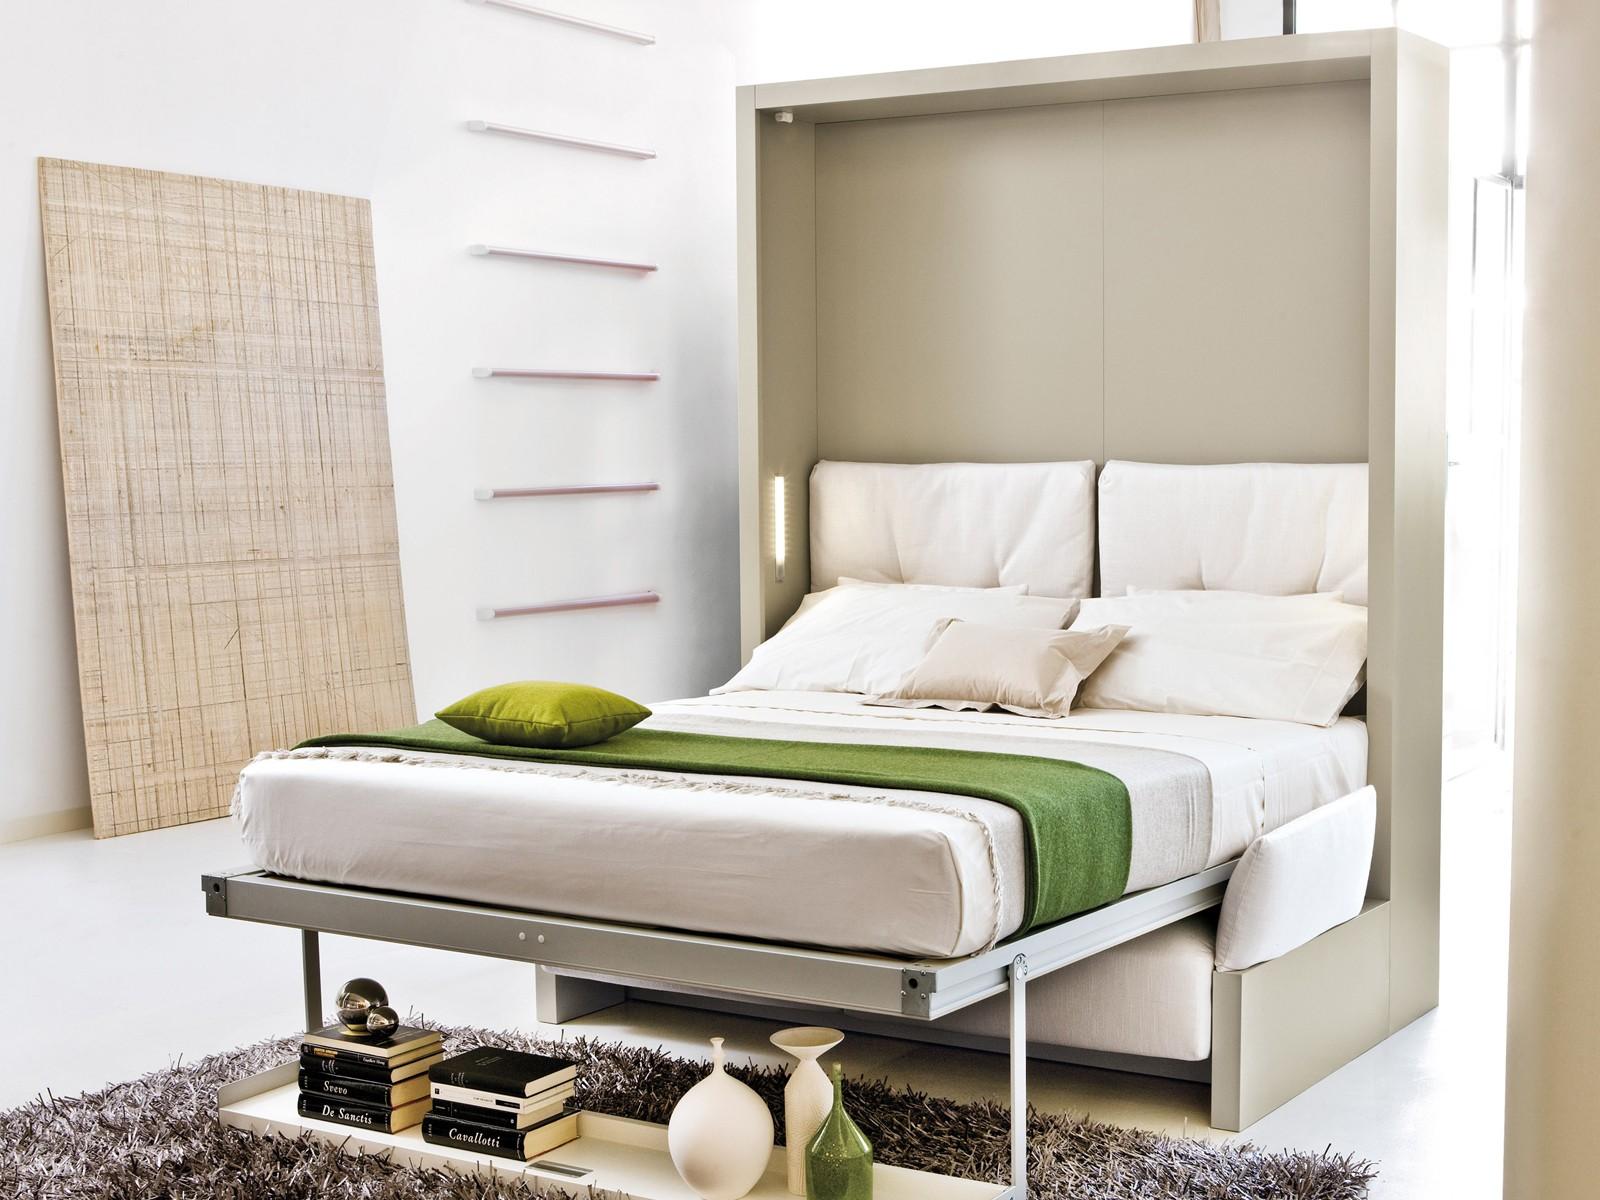 кровать трансформер с диваном критерии выбора мебели 31 фото